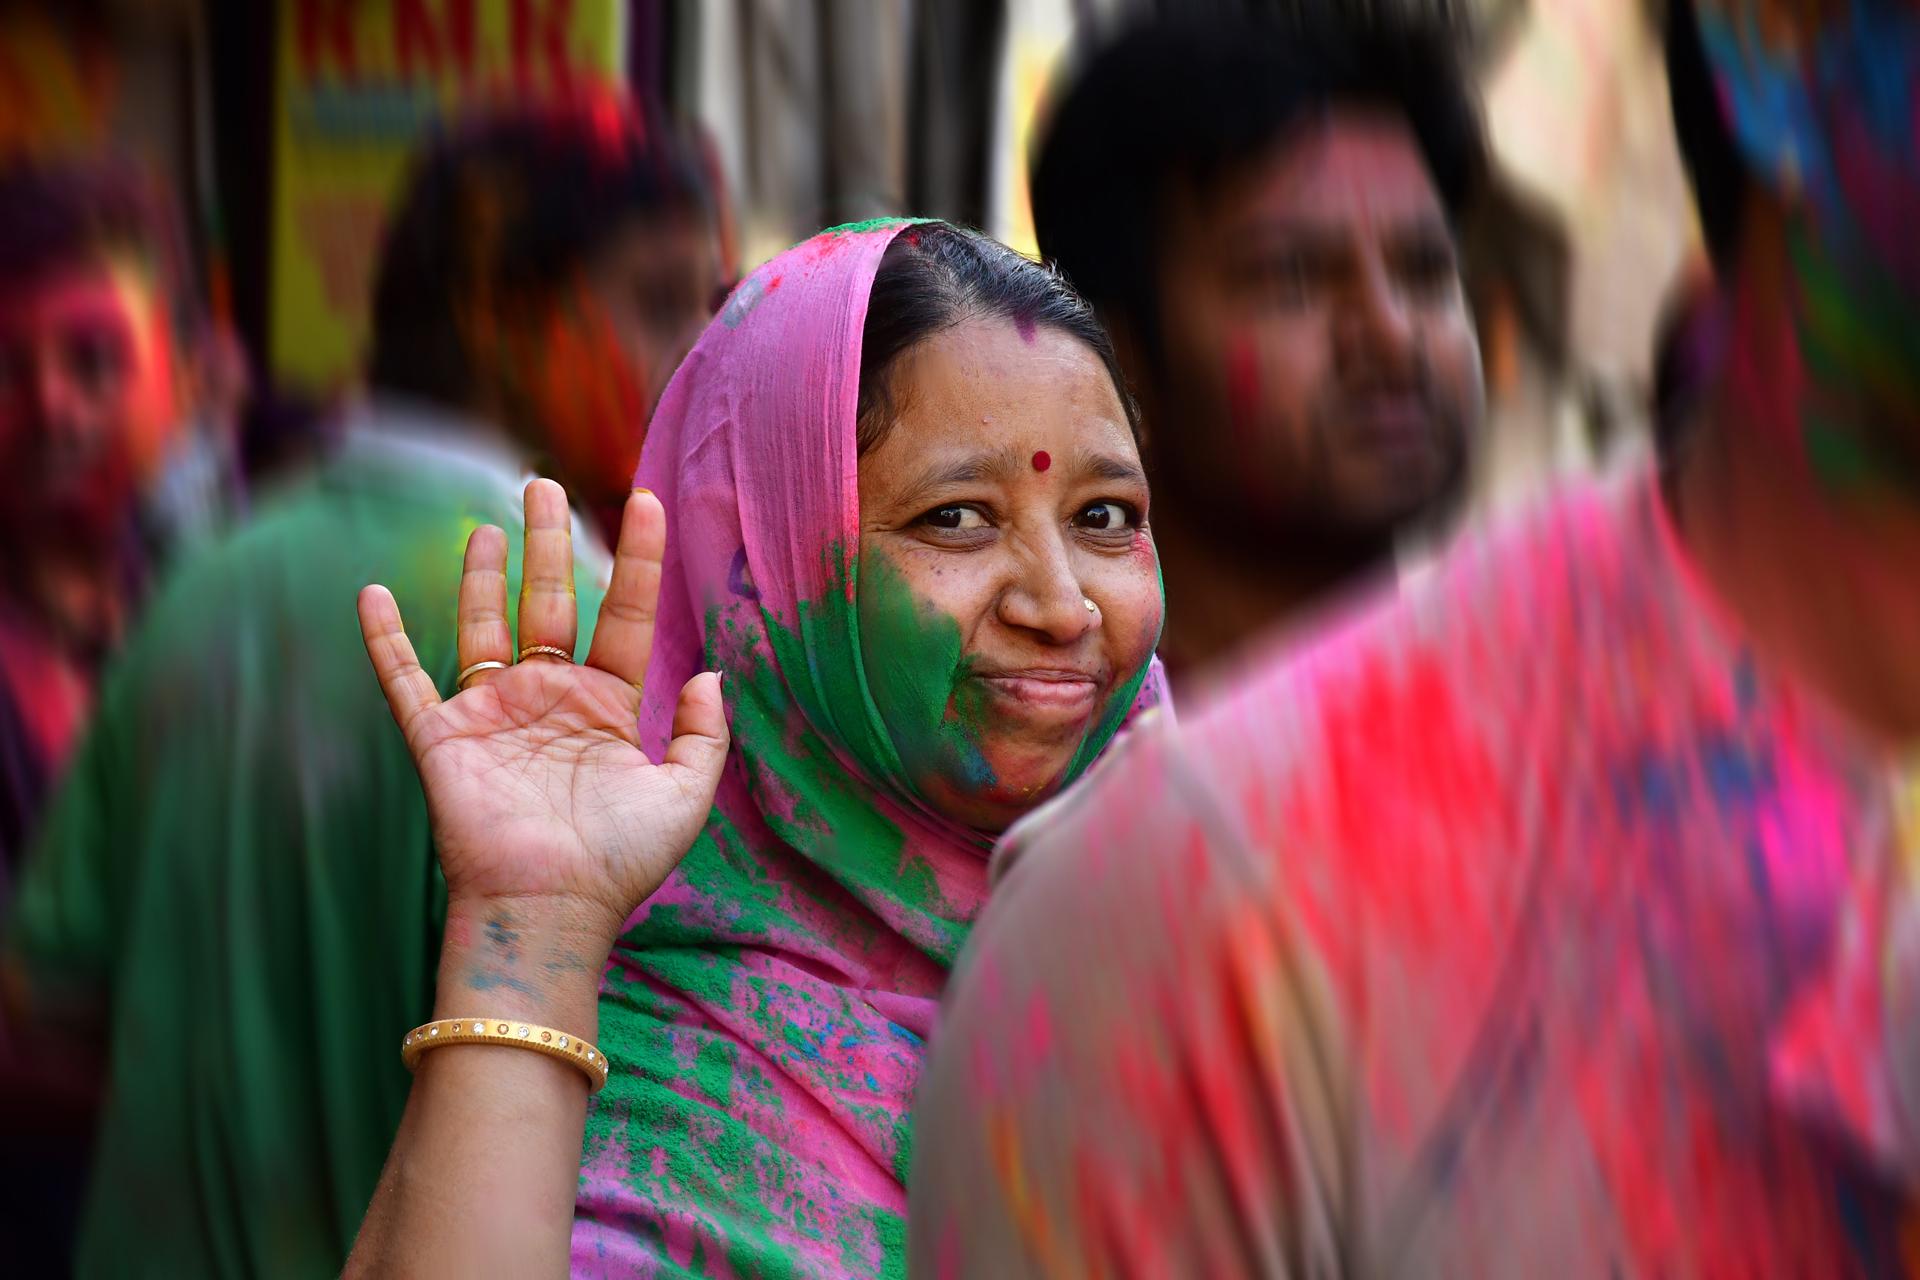 יד שלום - הודו - יואל שתרוג - אדמה יוצרת